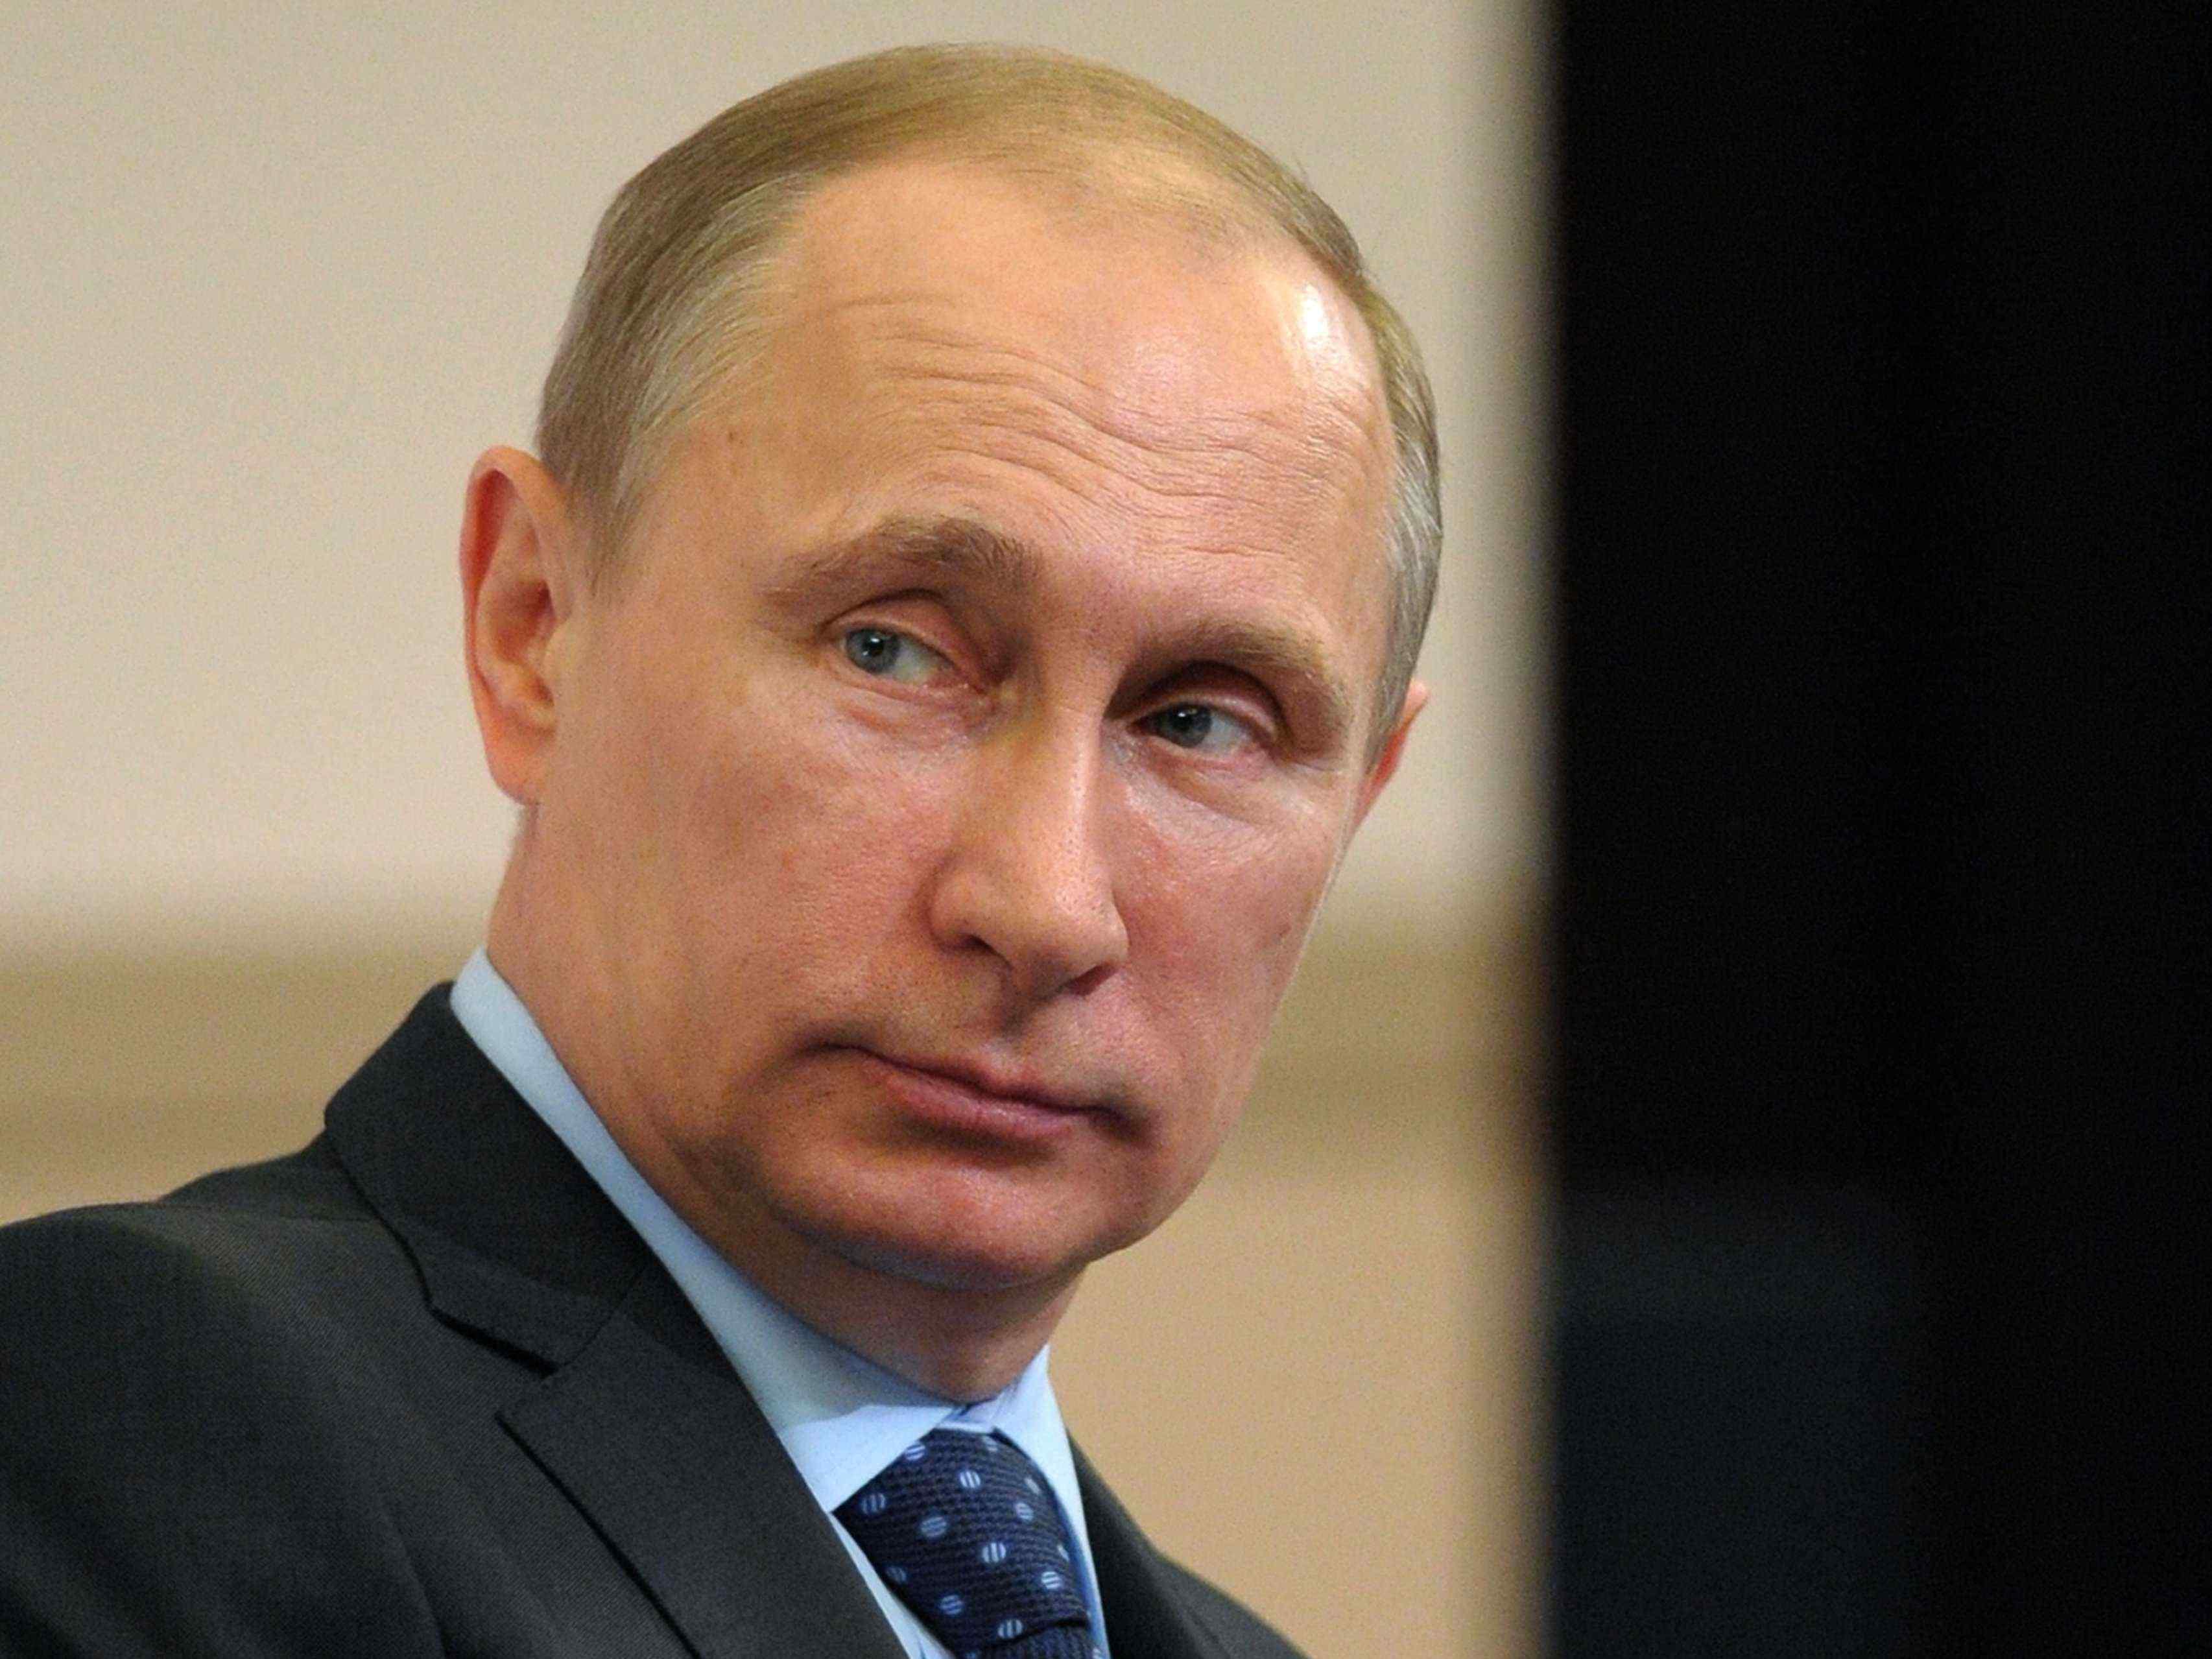 نتيجة بحث الصور عن لماذا كل هذا الغضب الغربي ضد روسيا؟